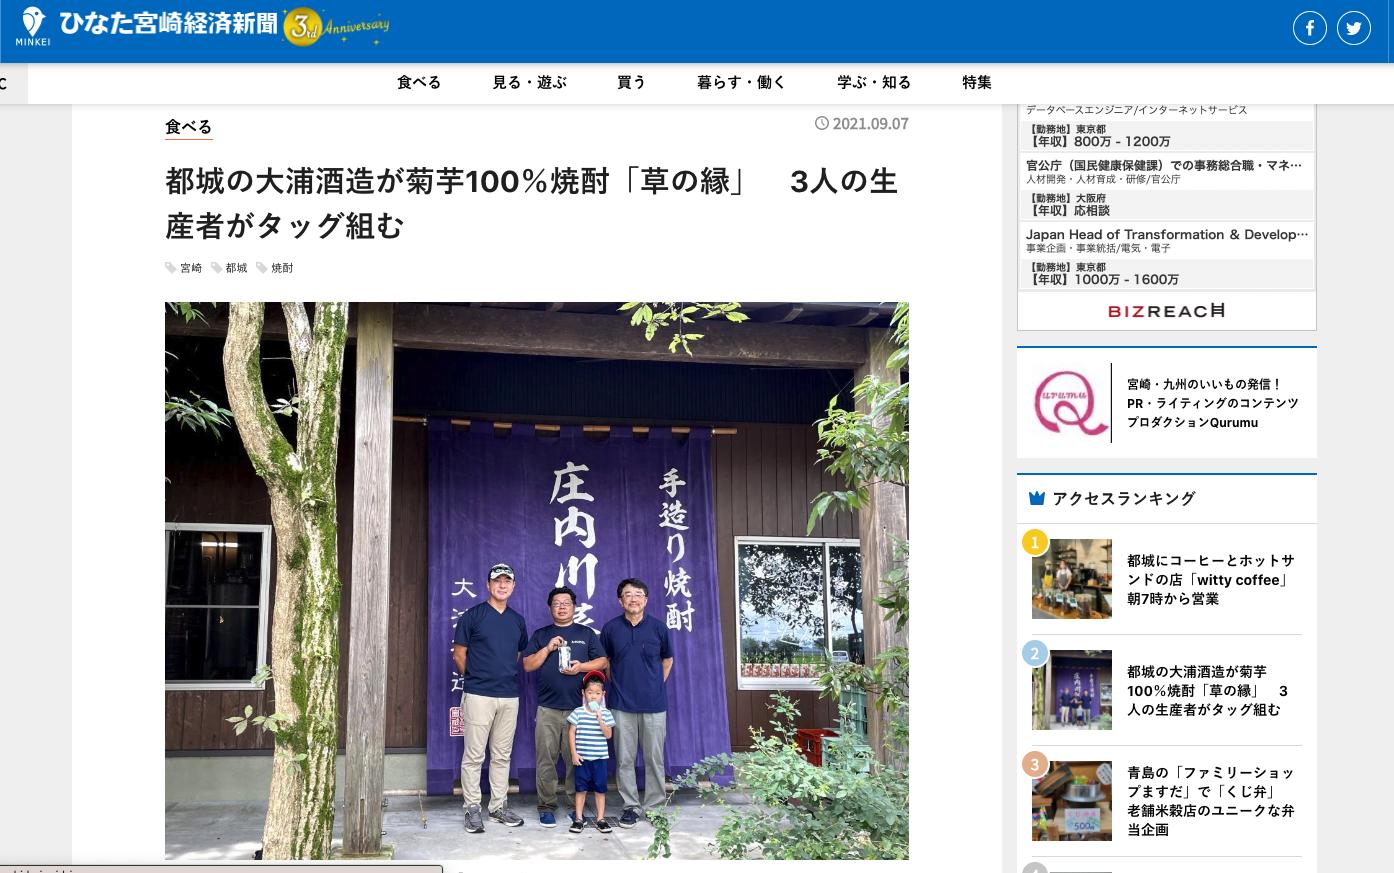 ひなた宮崎経済新聞に掲載して頂きました。都城の大浦酒造が菊芋100%焼酎「草の縁」 3人の生産者がタ